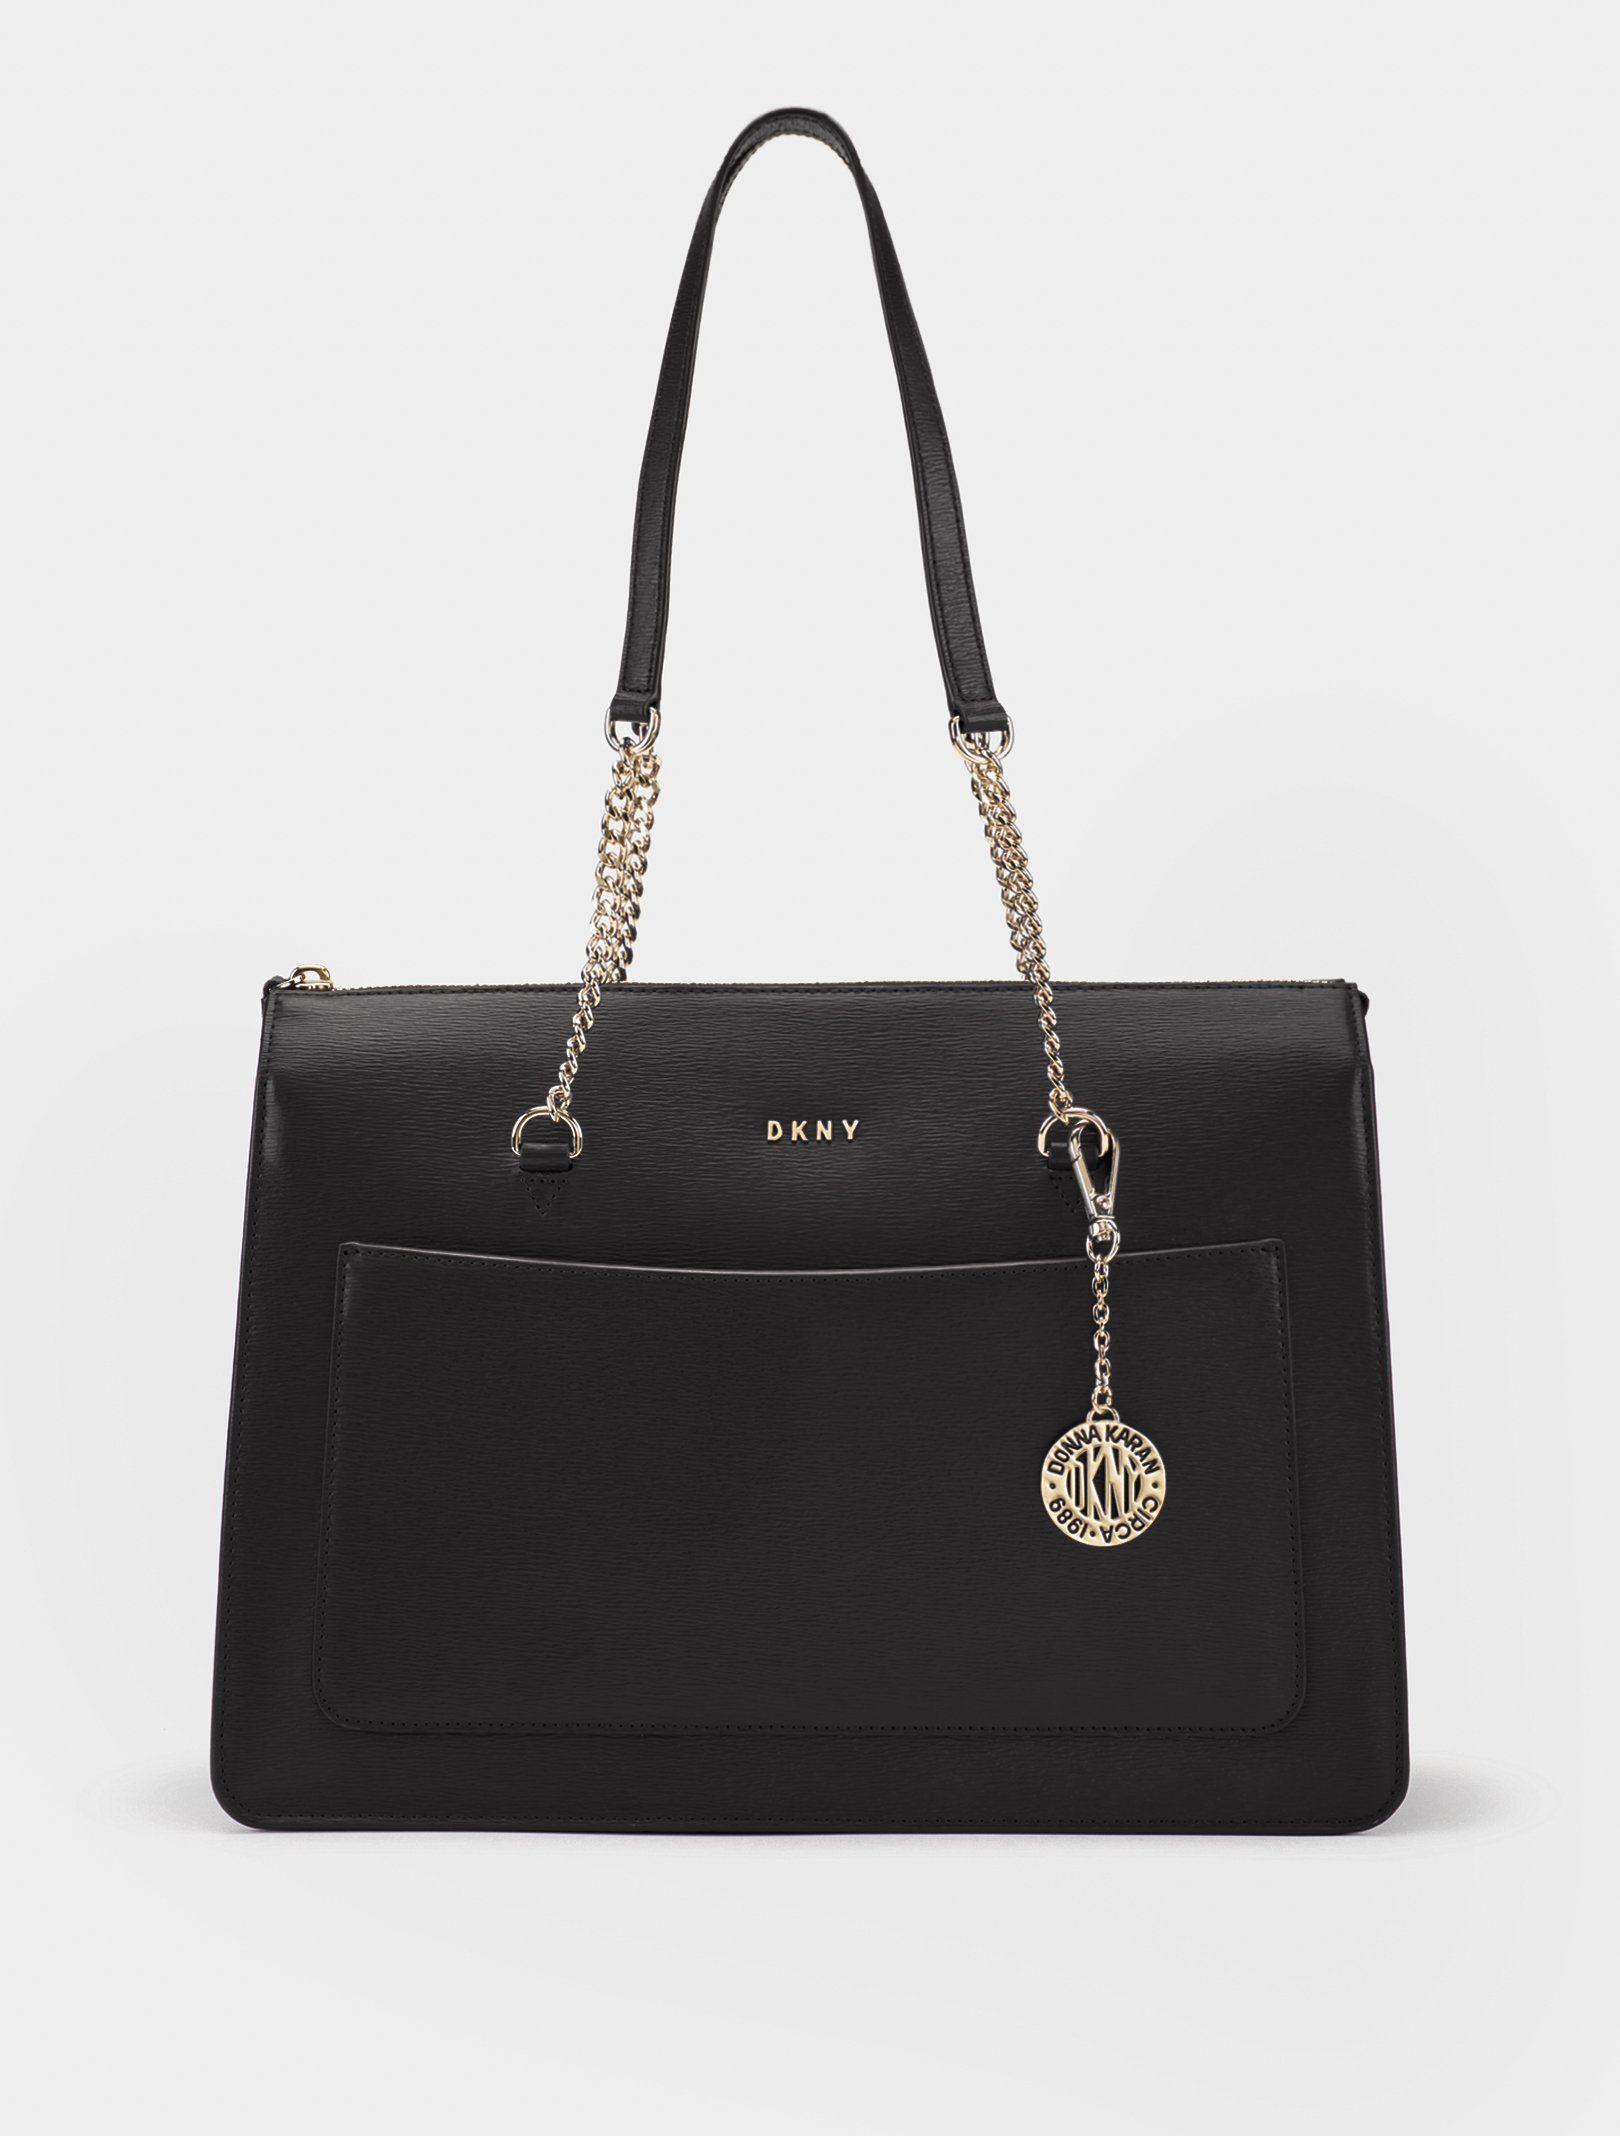 b7e9913645d0 Сумка DKNY классика. Цвет черный купить в официальном интернет ...